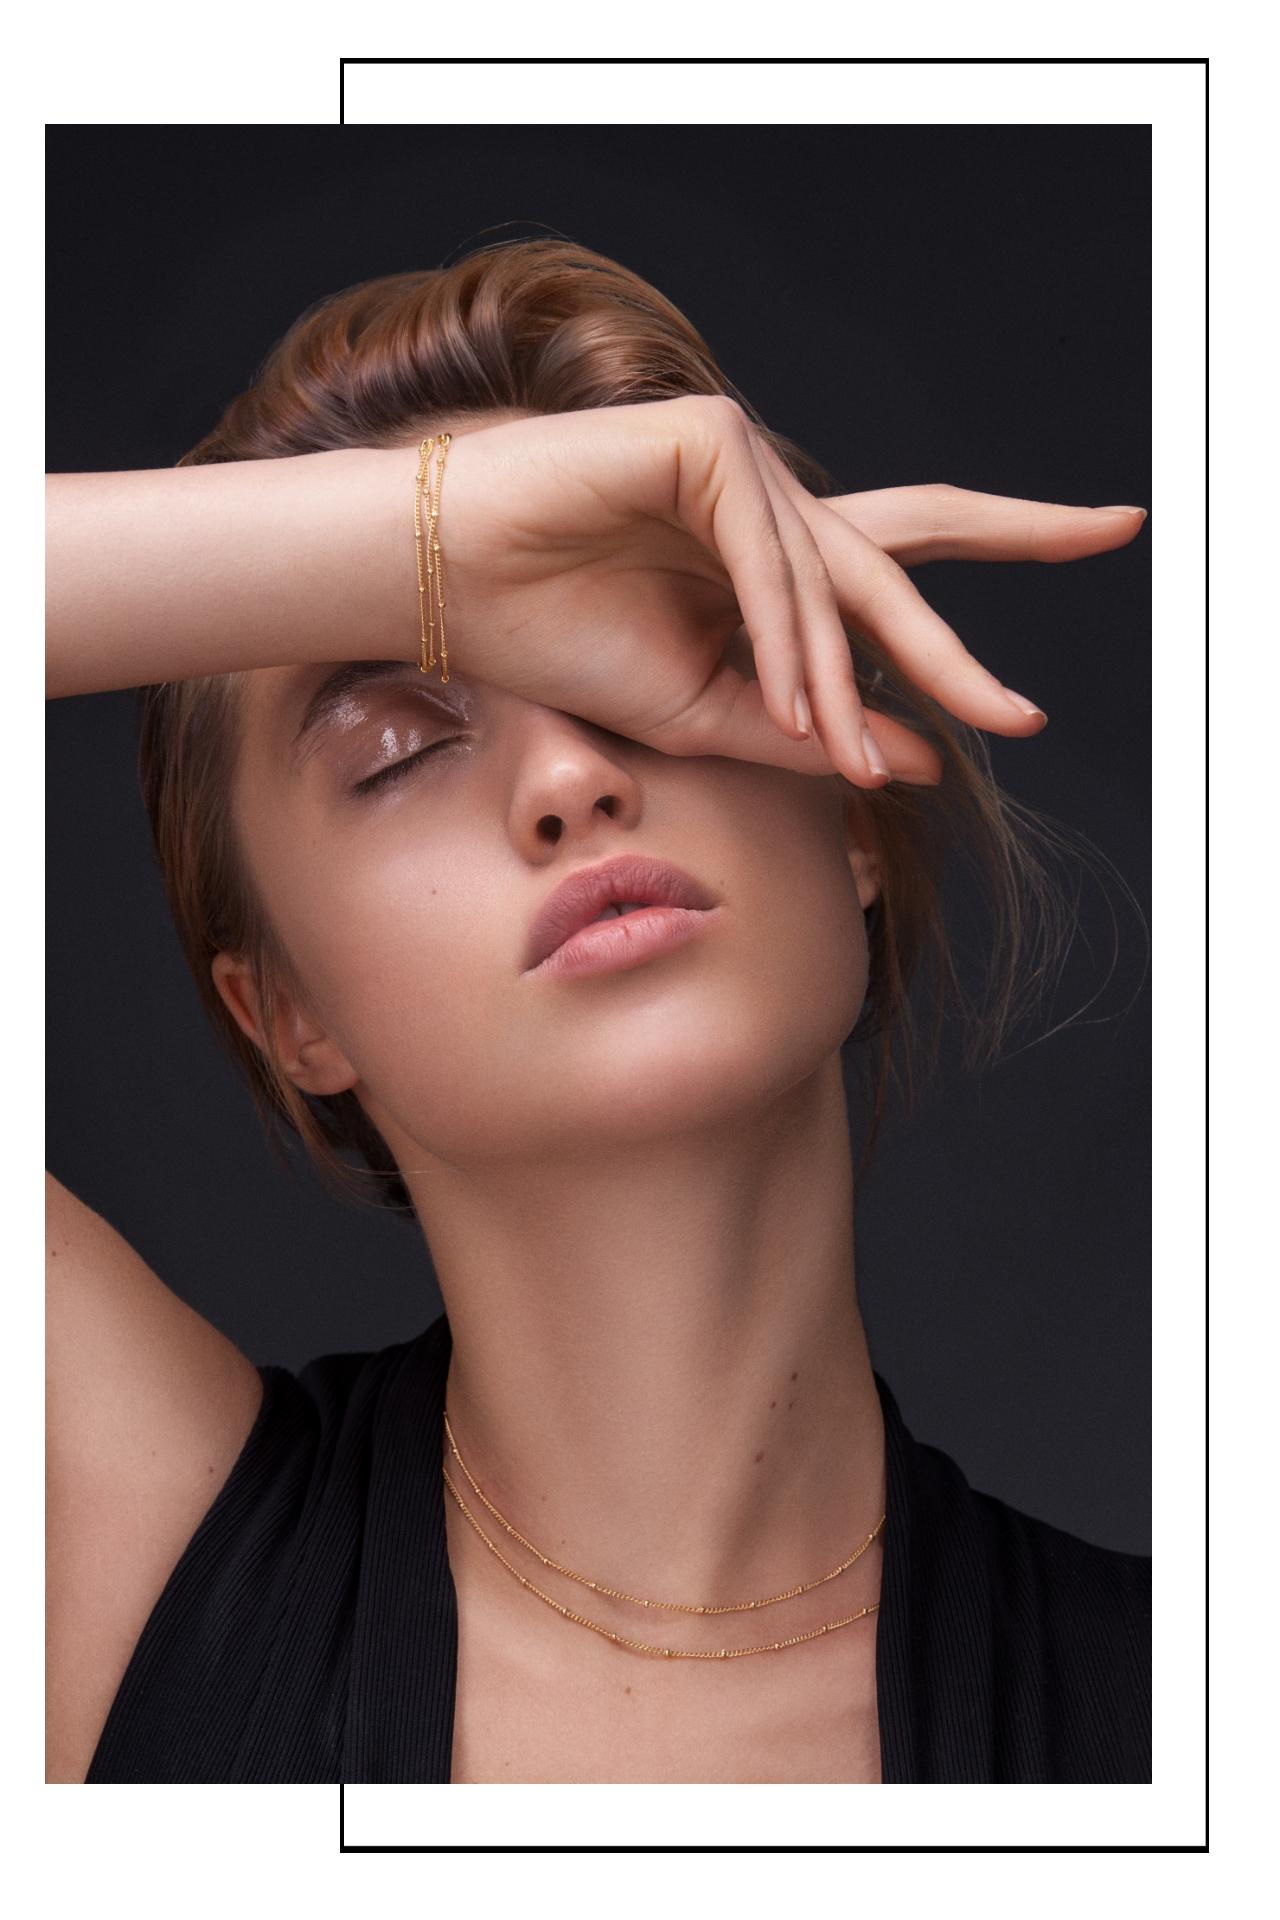 modische Armbänder für Damen Madeleine Issing